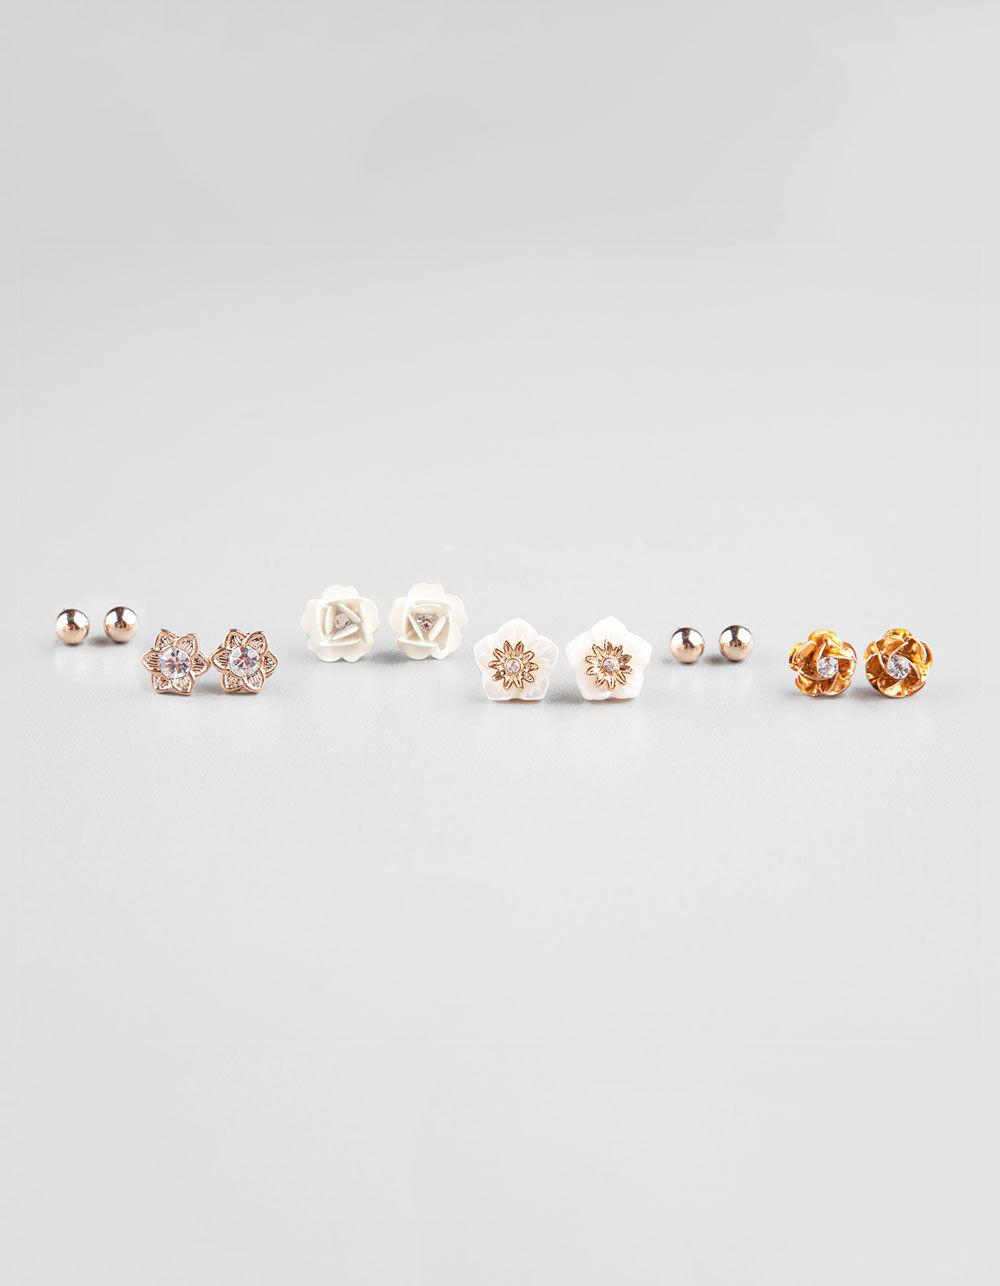 FULL TILT 6 Pair Coral/Shell/Flower/Post Earrings